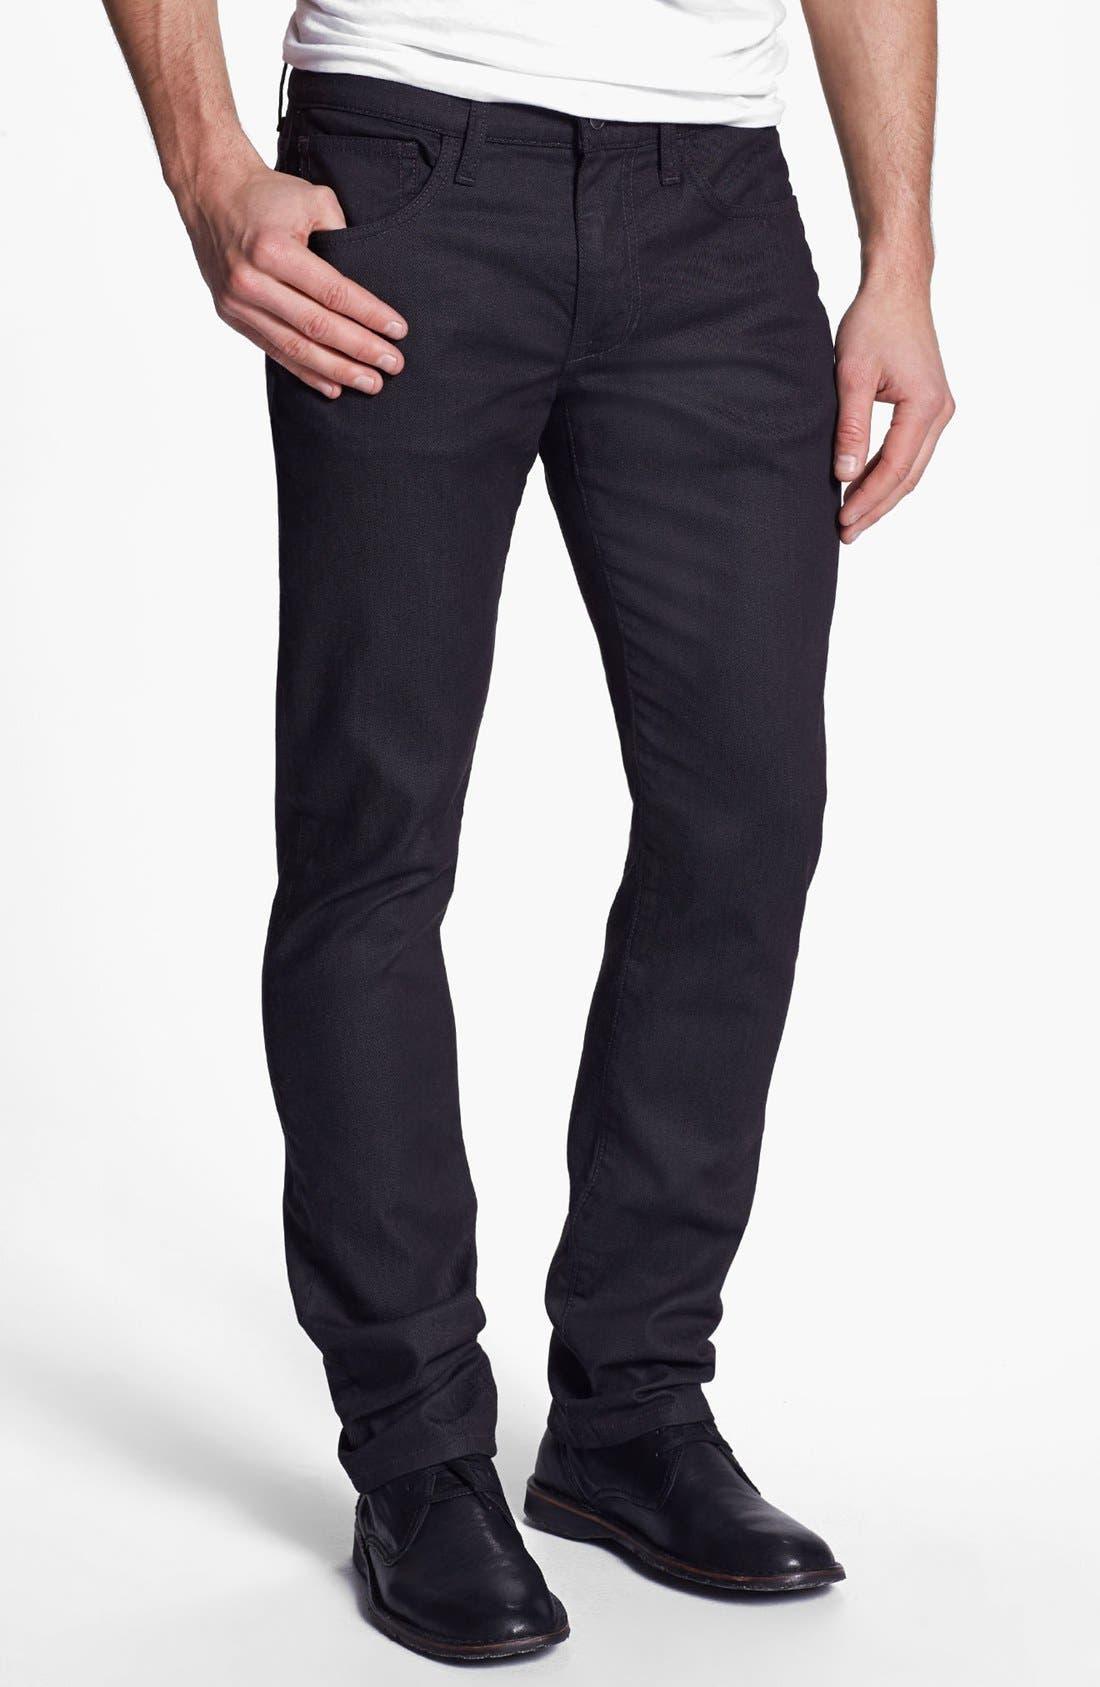 Alternate Image 1 Selected - Joe's 'Slim' Skinny Fit Jeans (Wilkes)